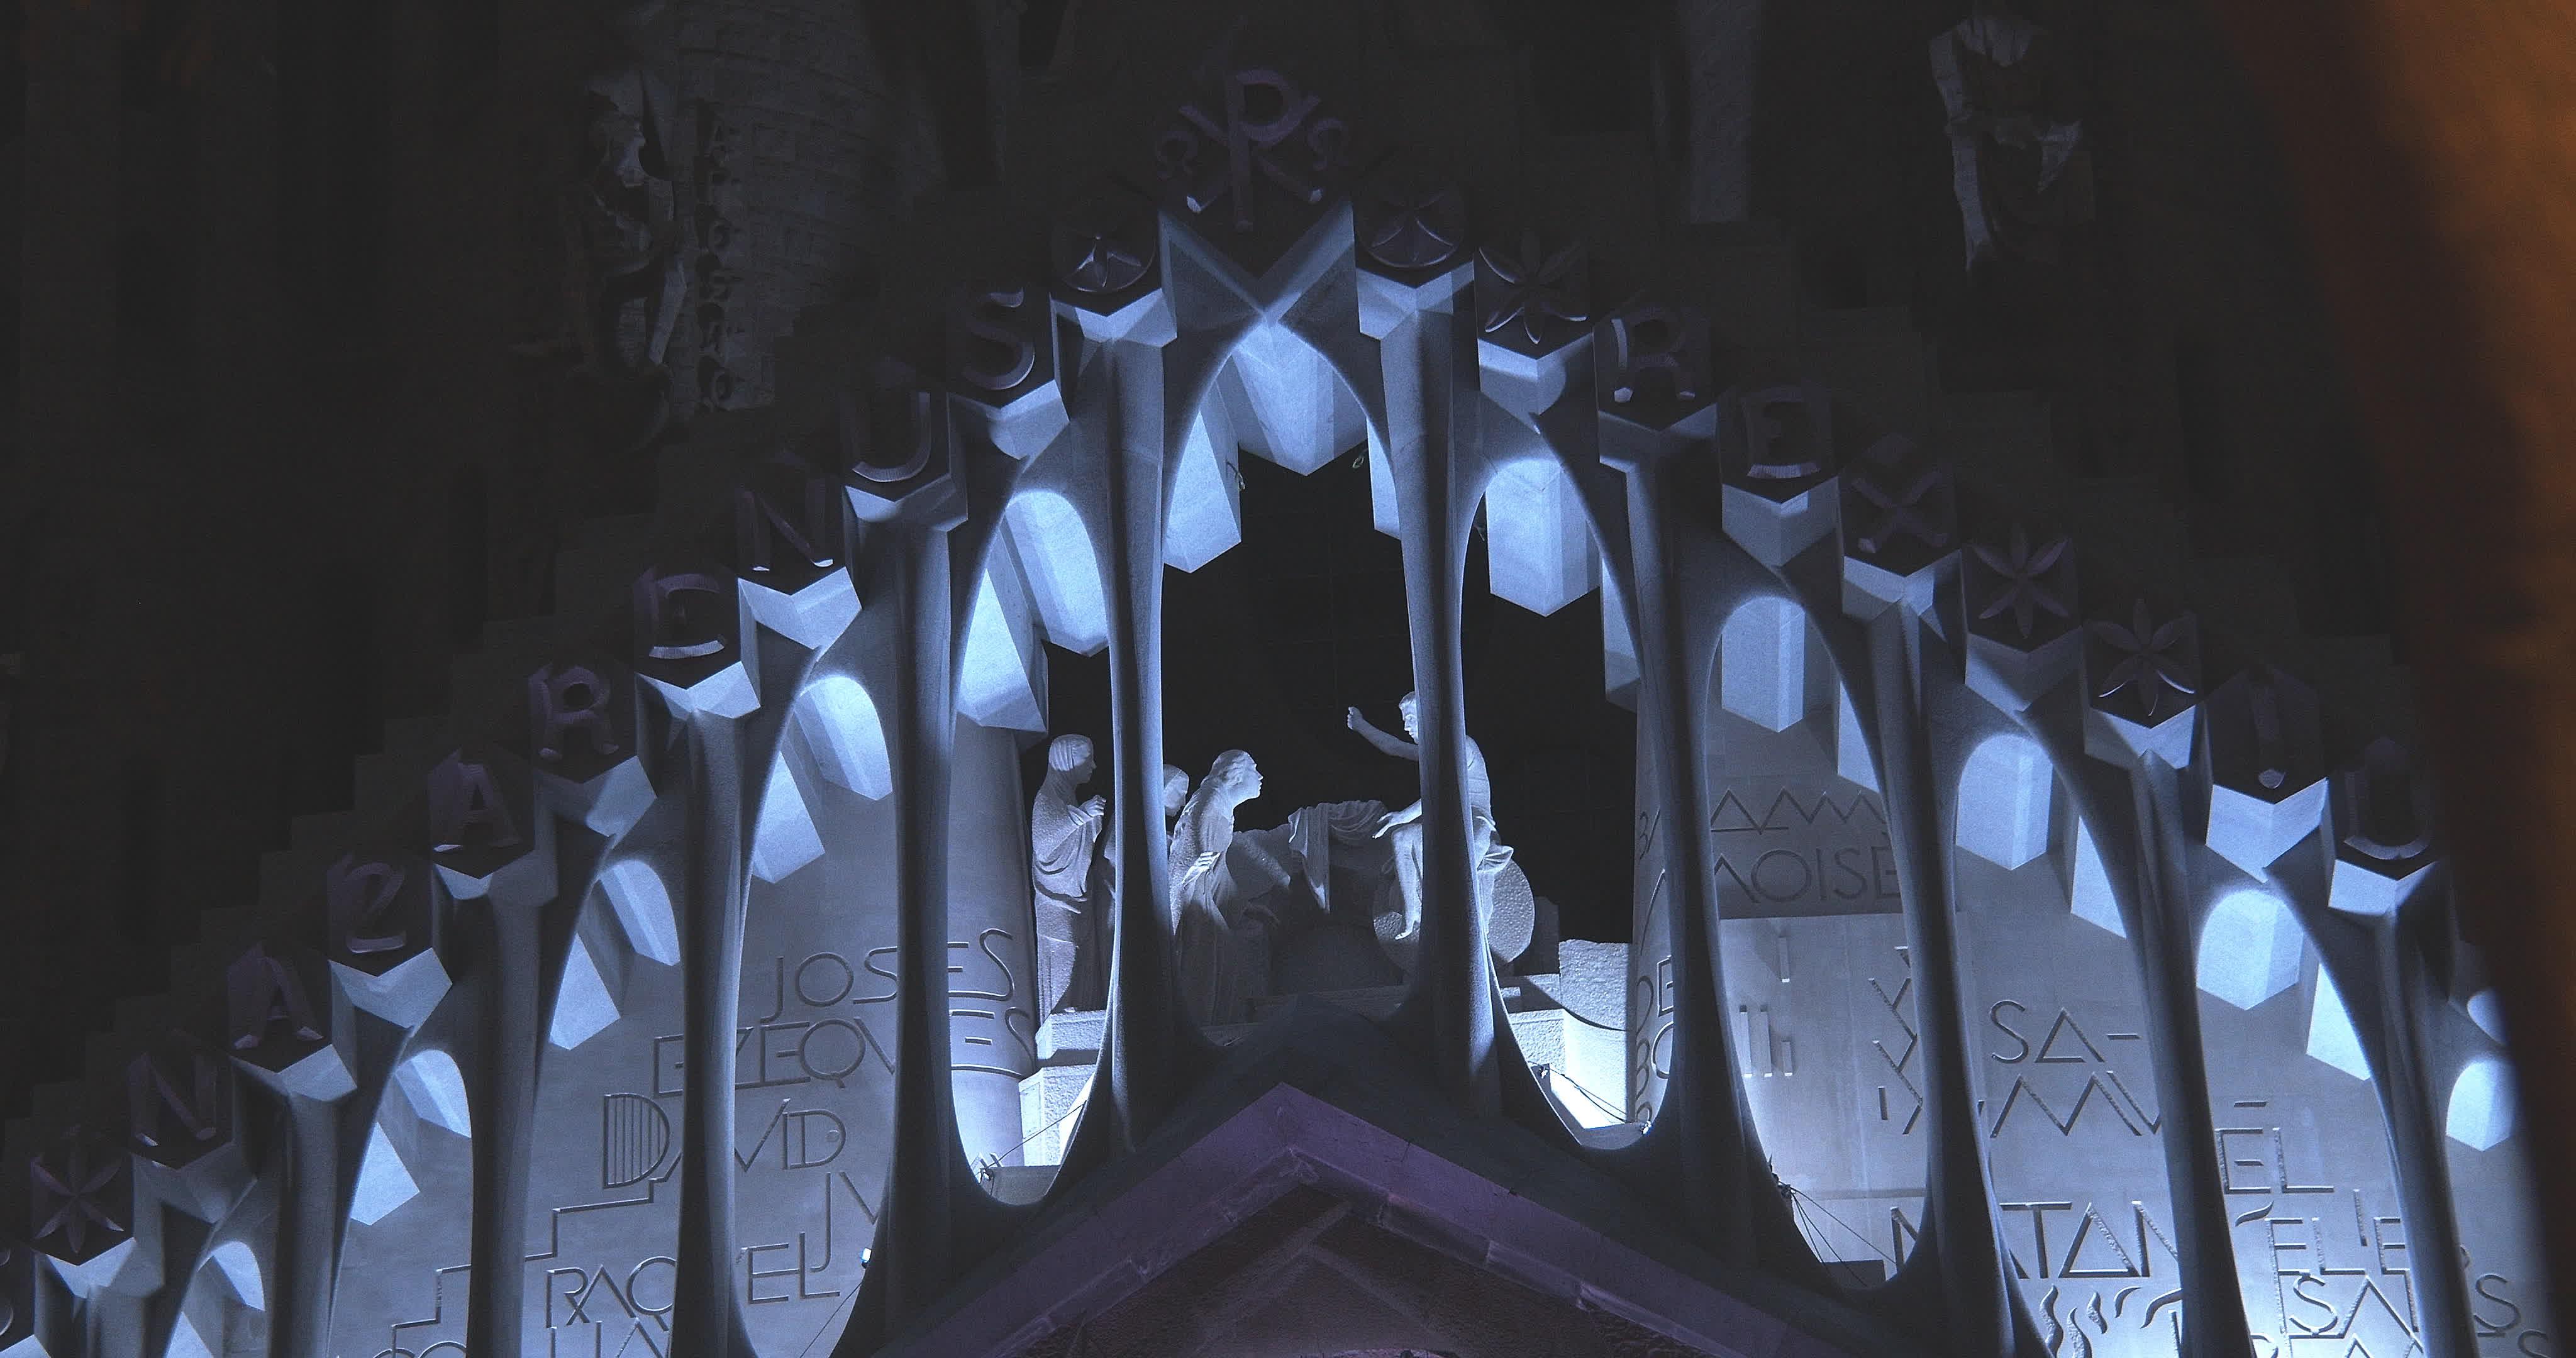 'Sagrada Familia' Temple Illuminated During Easter